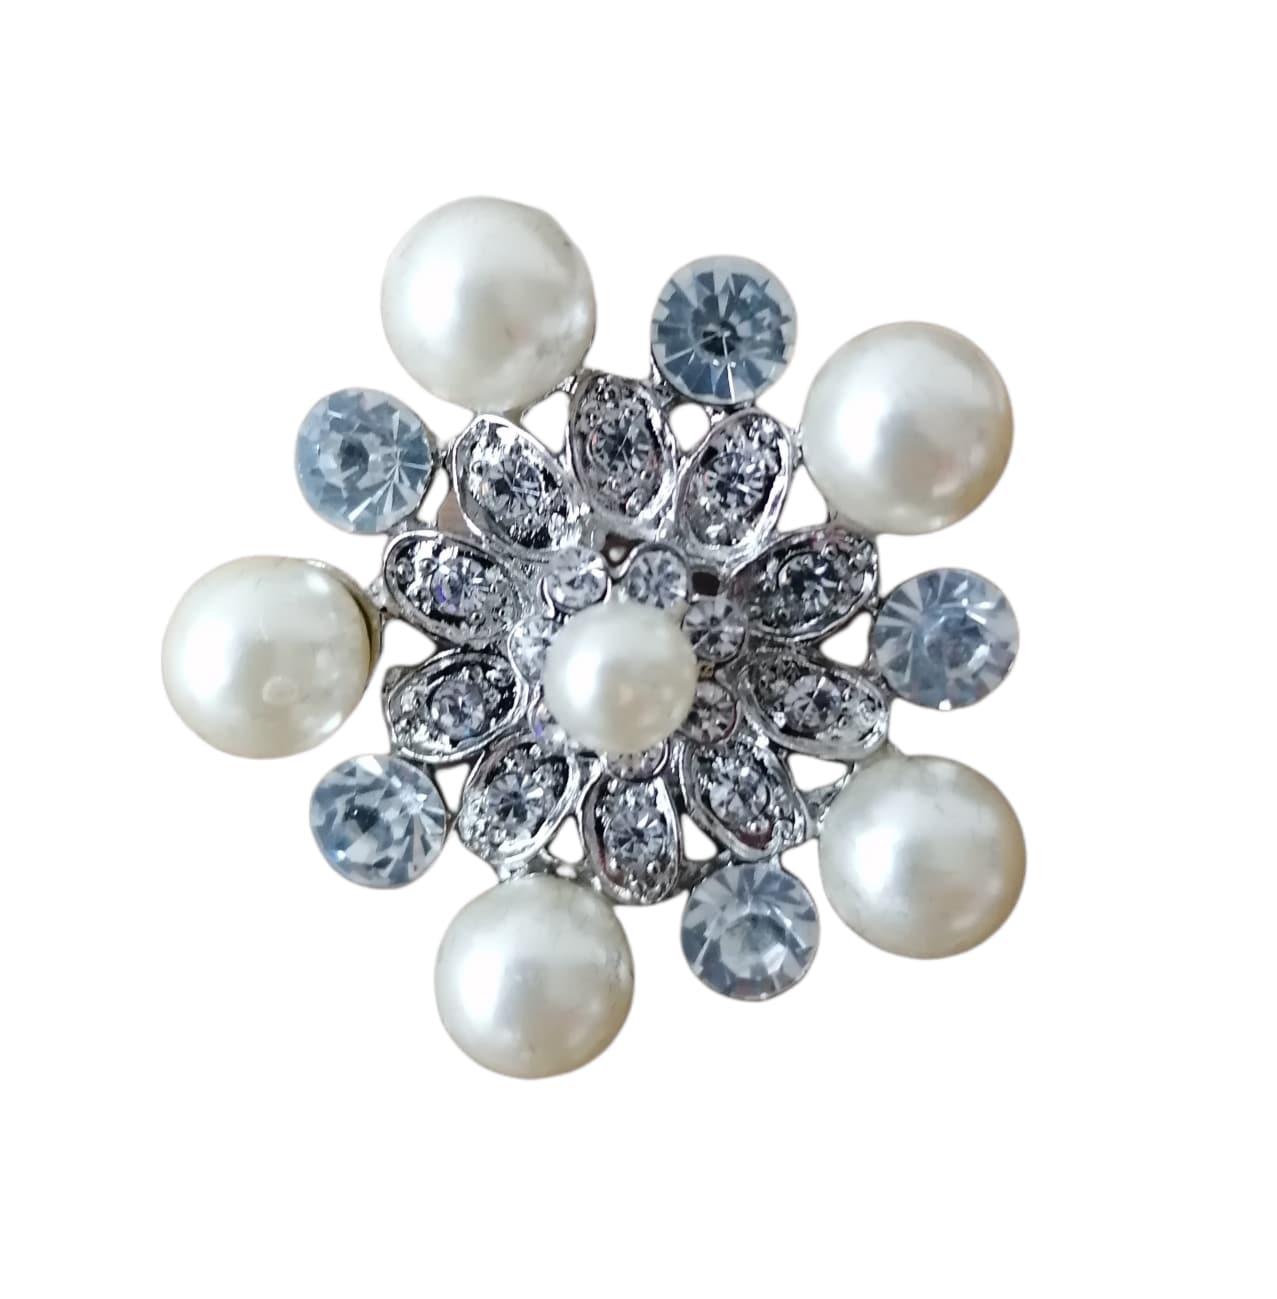 Plastrongnål med pärlor och kristall 40 mm